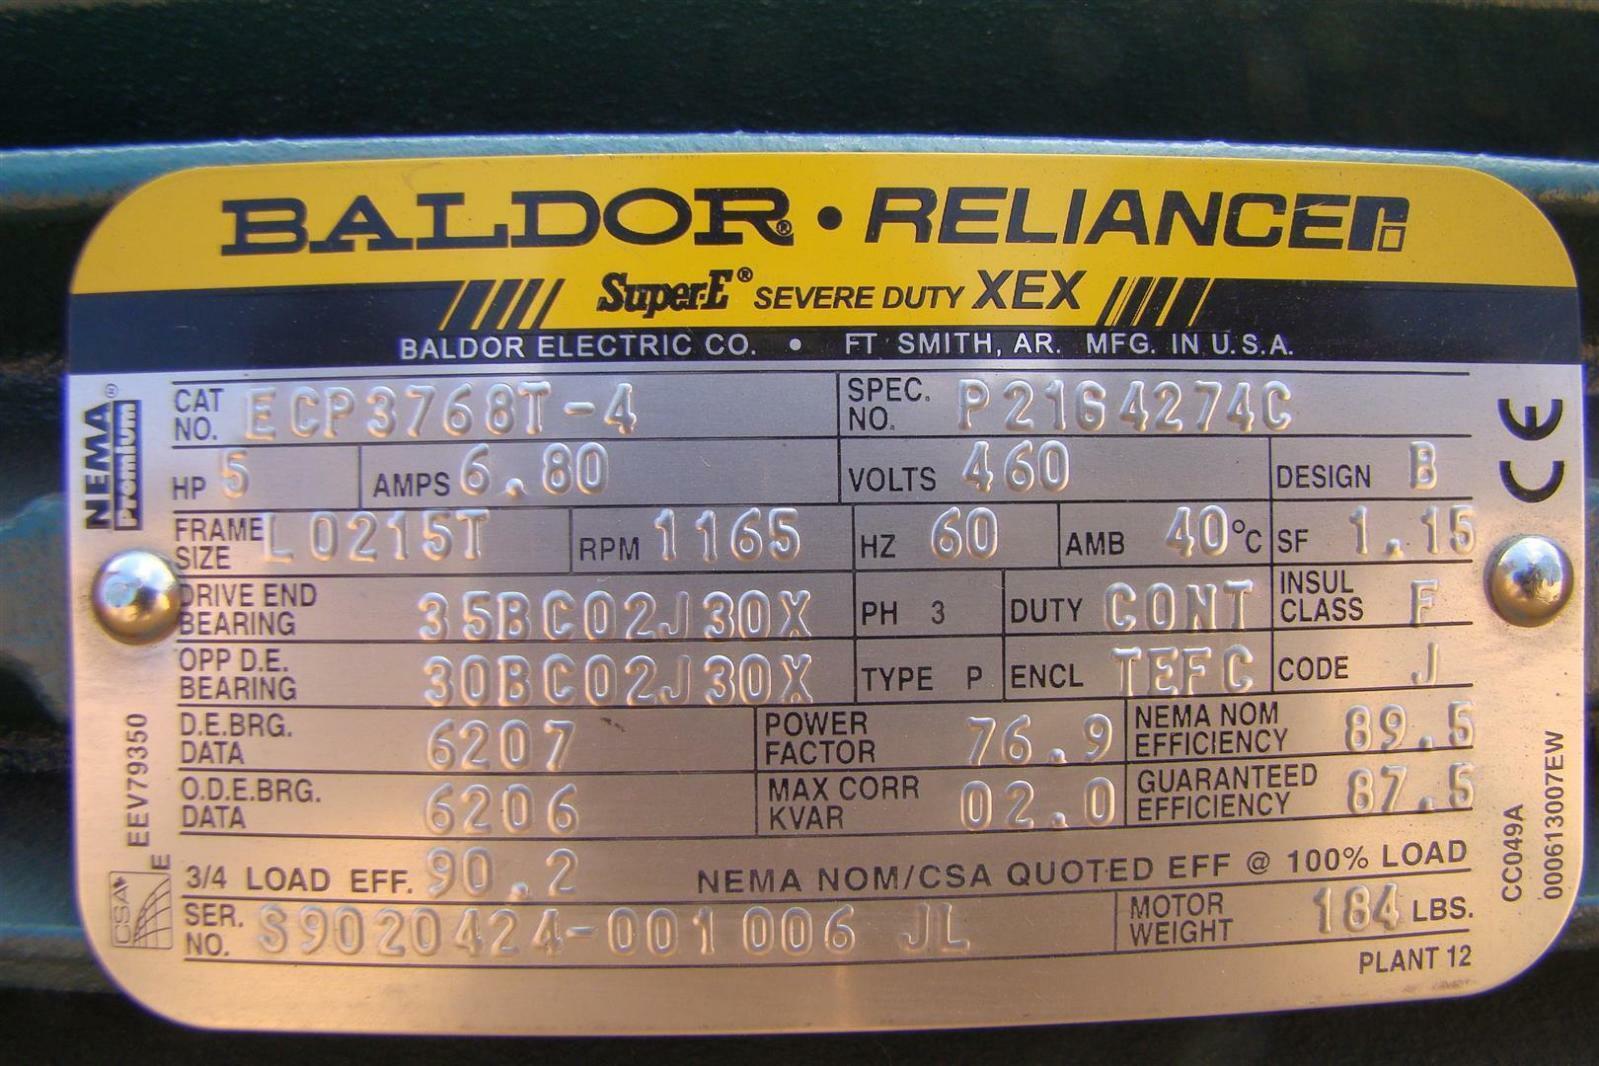 Baldor reliancer 5hp super e severe duty 460v 3ph 1165rpm for Baldor reliance super e motor